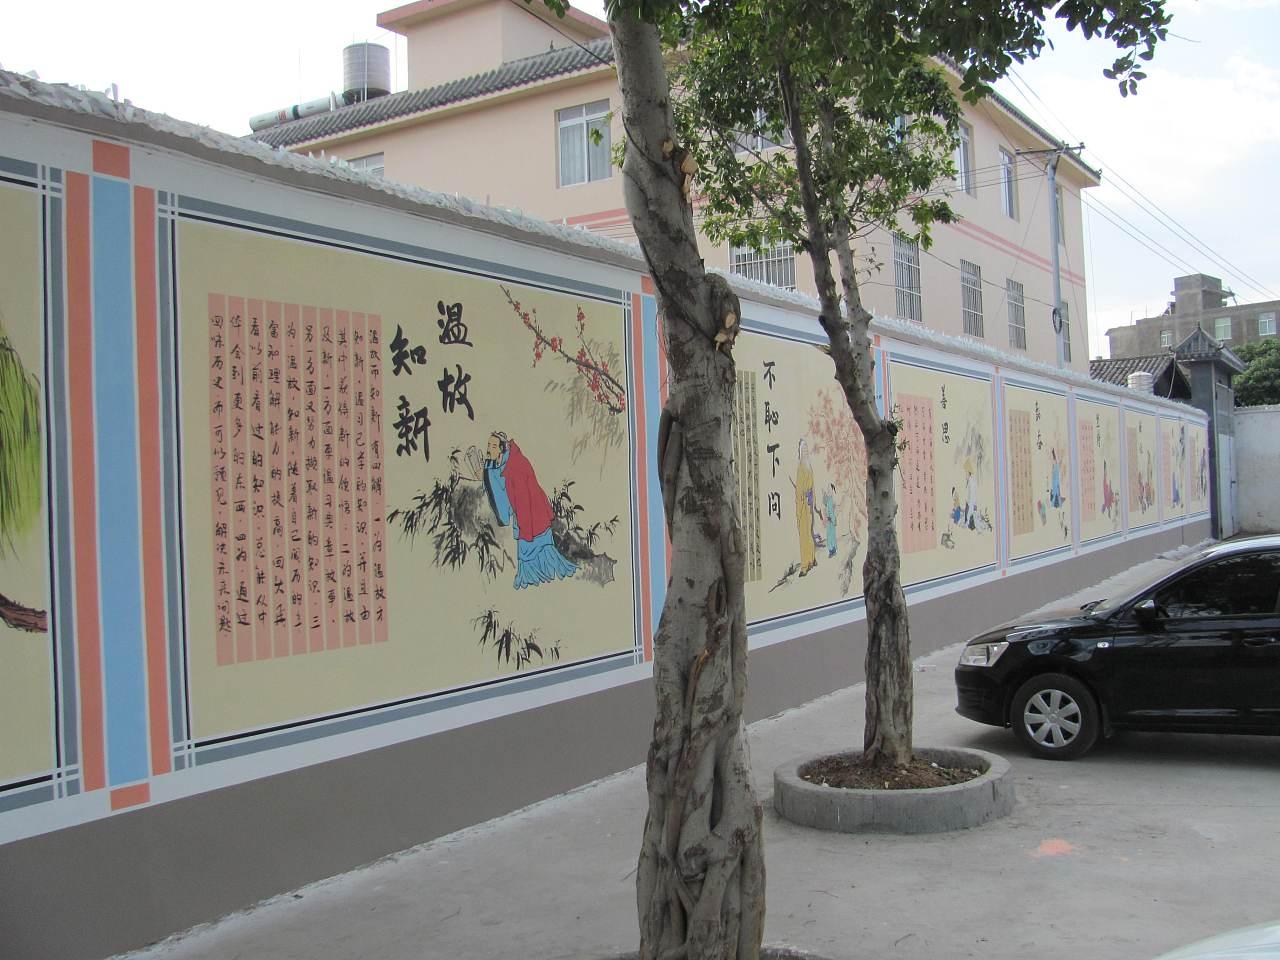 华坪第二中学校园文化墙图片